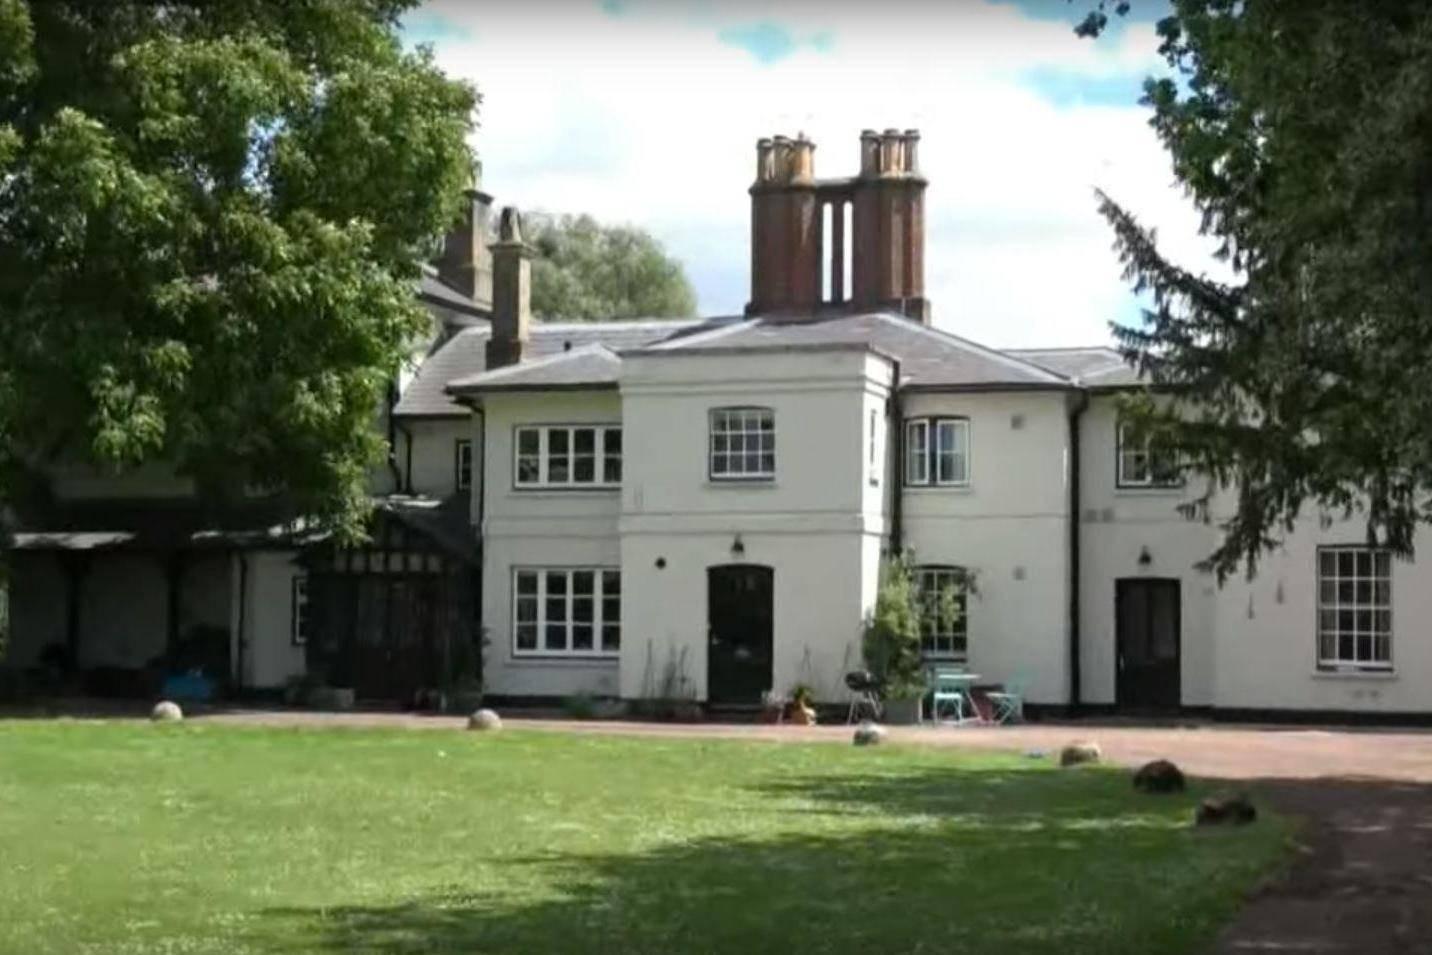 Дом Гарри иМеган, само собой, посетить нельзя, а вот оказаться вокрестностях Фрогмор-хаус, где сейчас никто неживет, вполне реально. Правда, придется сильно постараться. Экскурсии всо...